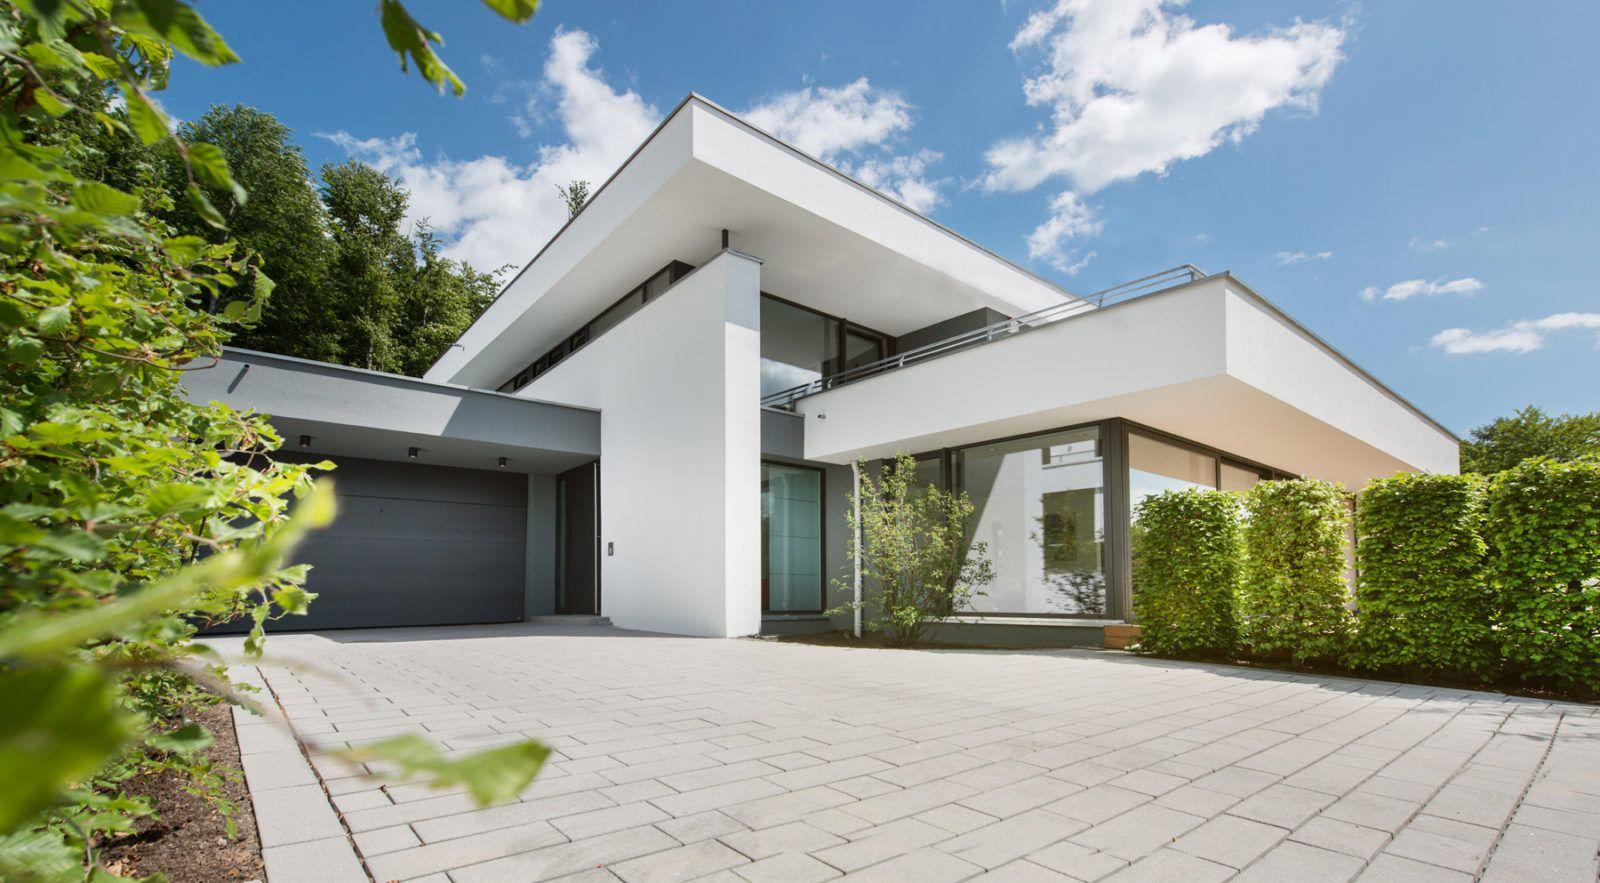 Modernes haus im bauhausstil massivhaus wohnhaus ideen pinterest - Bauhausstil architektur ...